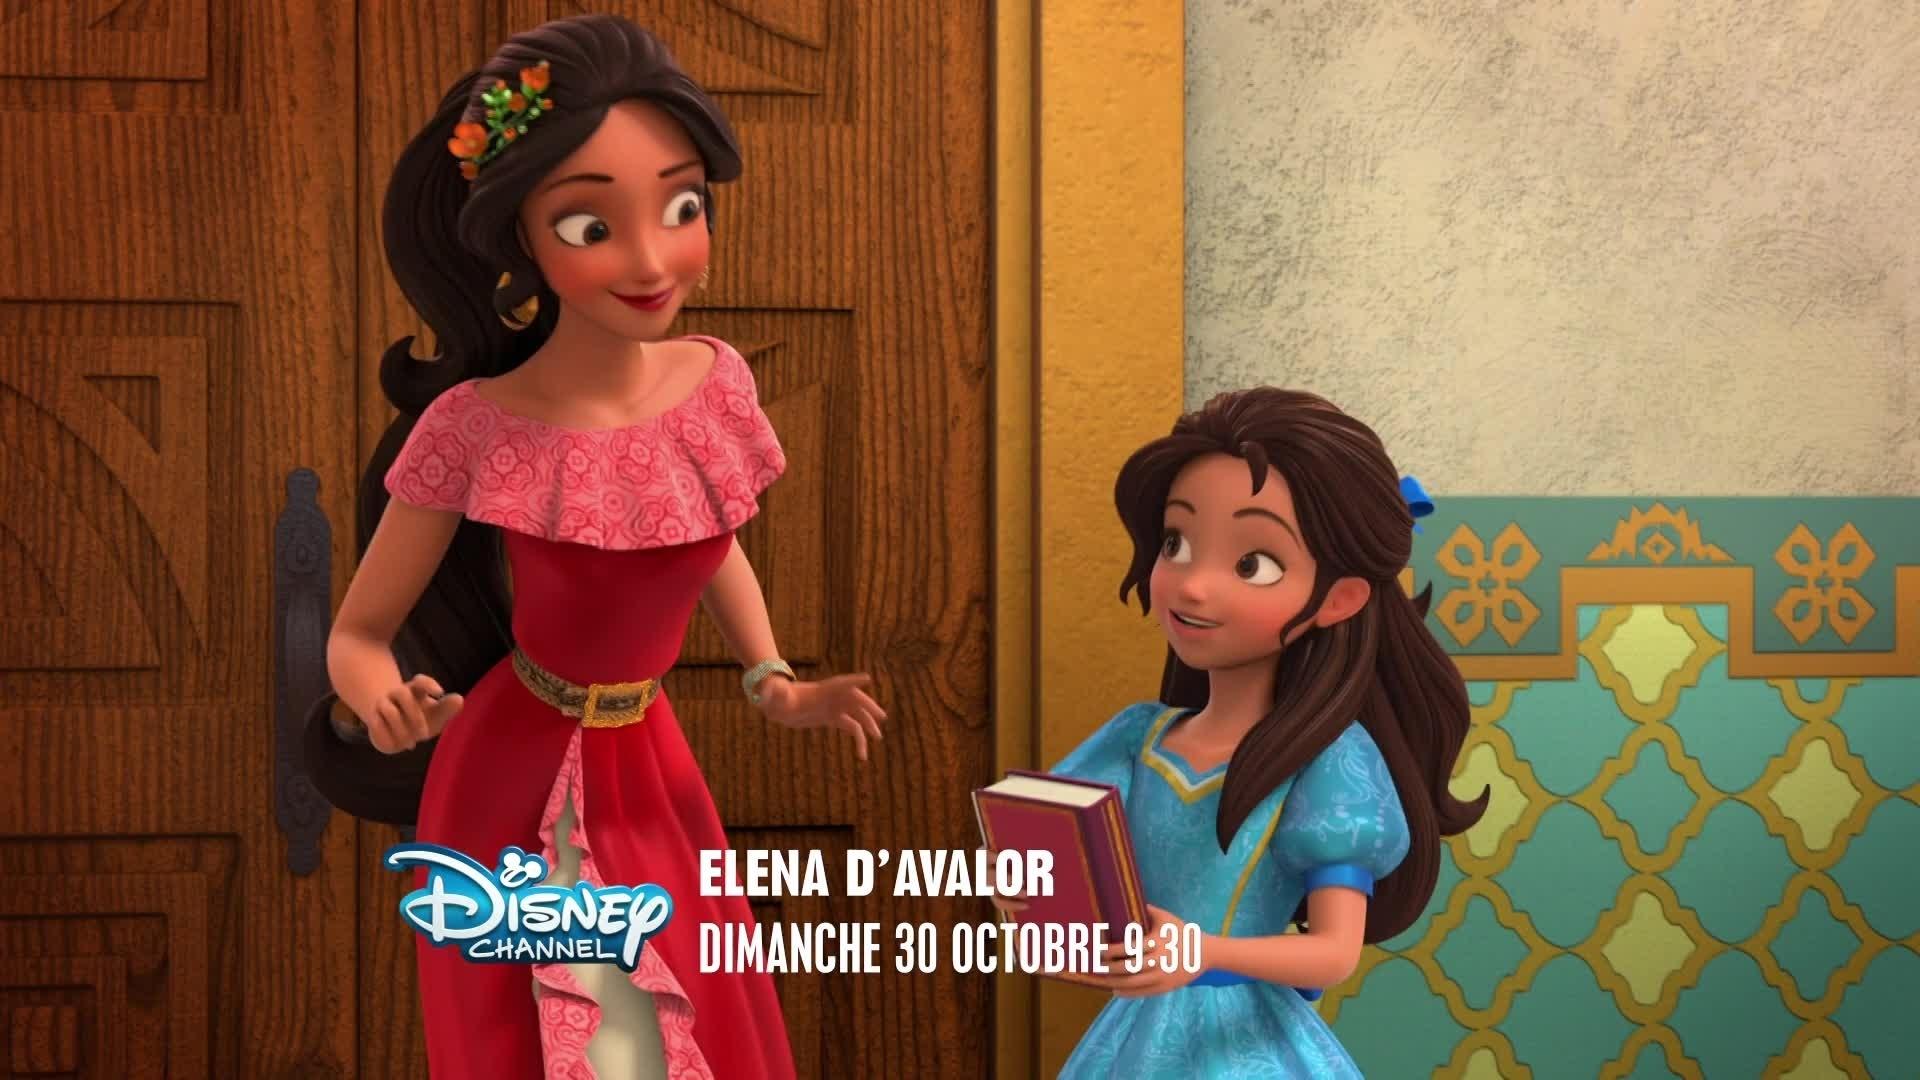 Elena d'Avalor - Dimanche 30 octobre à 9h30